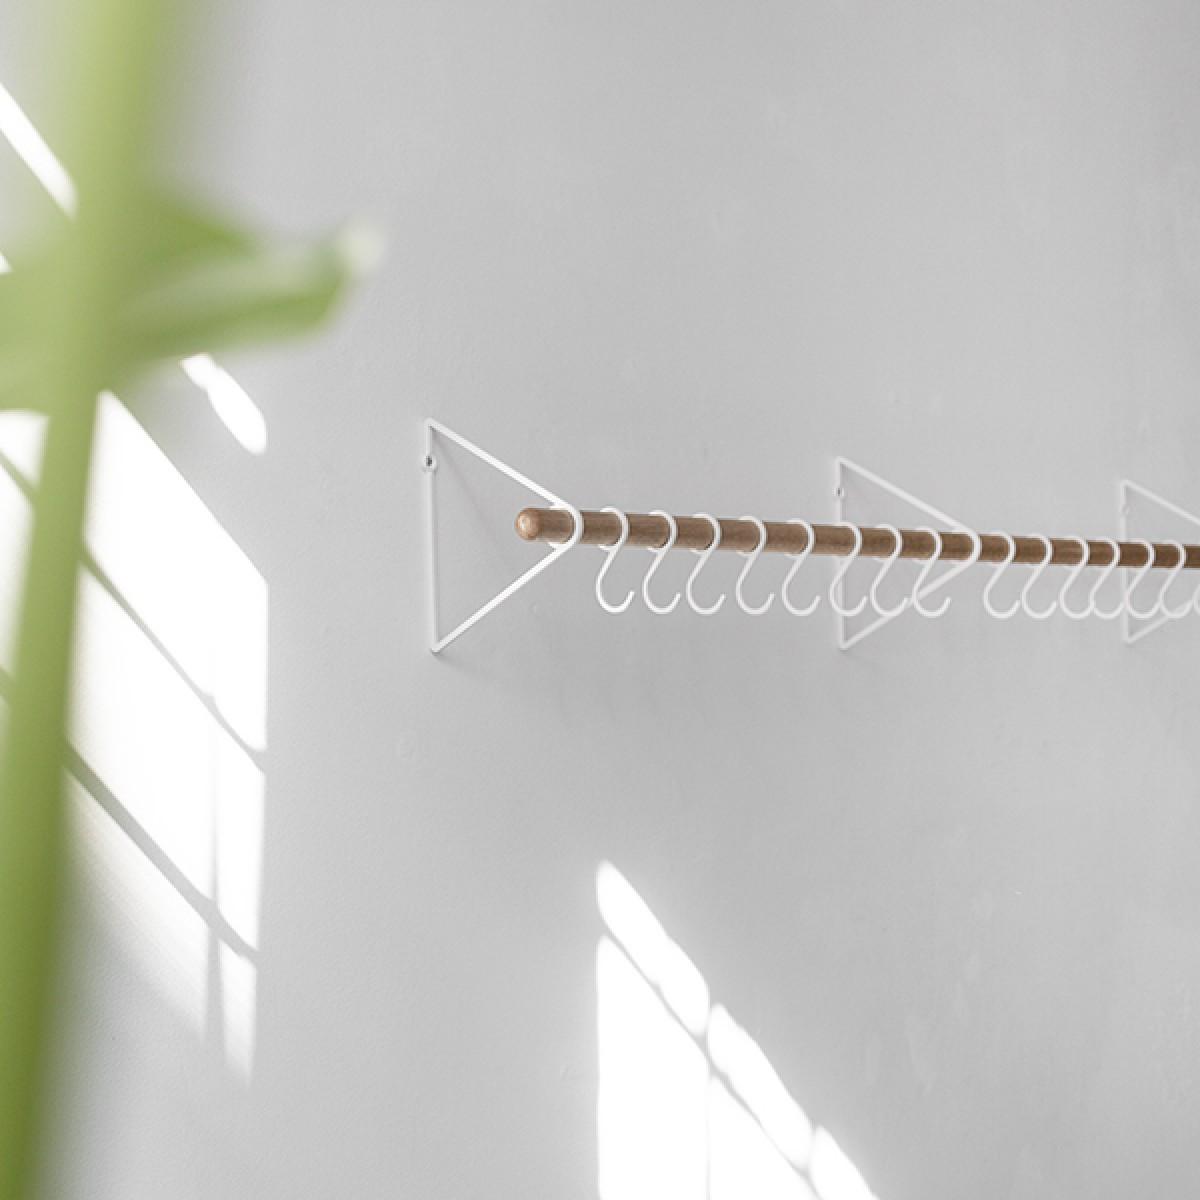 Garderobenhaken für SOLID Flurgarderobe, 5 Stück Weiß (Zubehör) | Result Objects